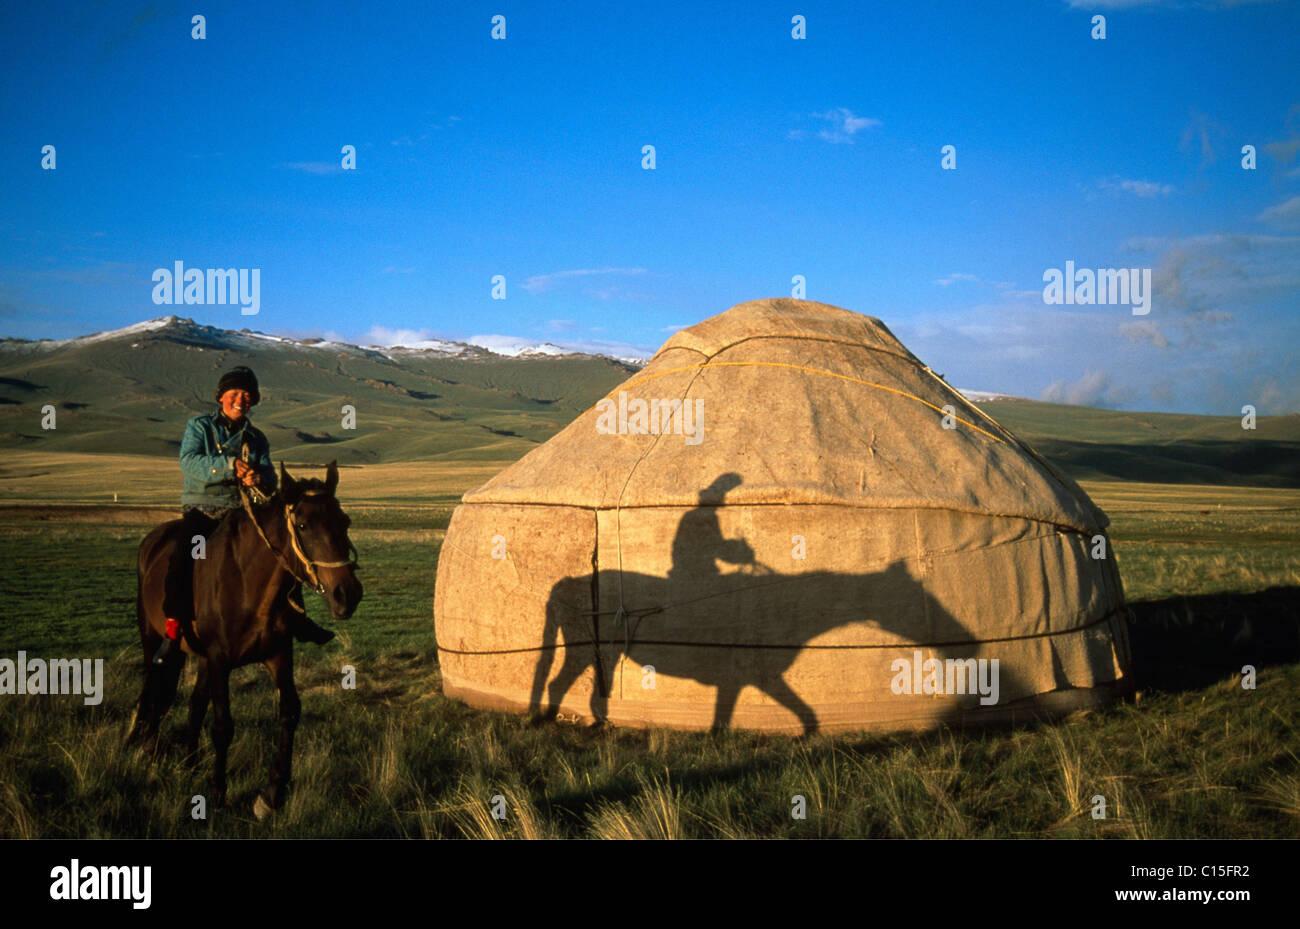 Cavallo e cavaliere di fronte una yurt, Moldo-Too Mountain Range, Song-Kul, Kirghizistan, Asia centrale Foto Stock